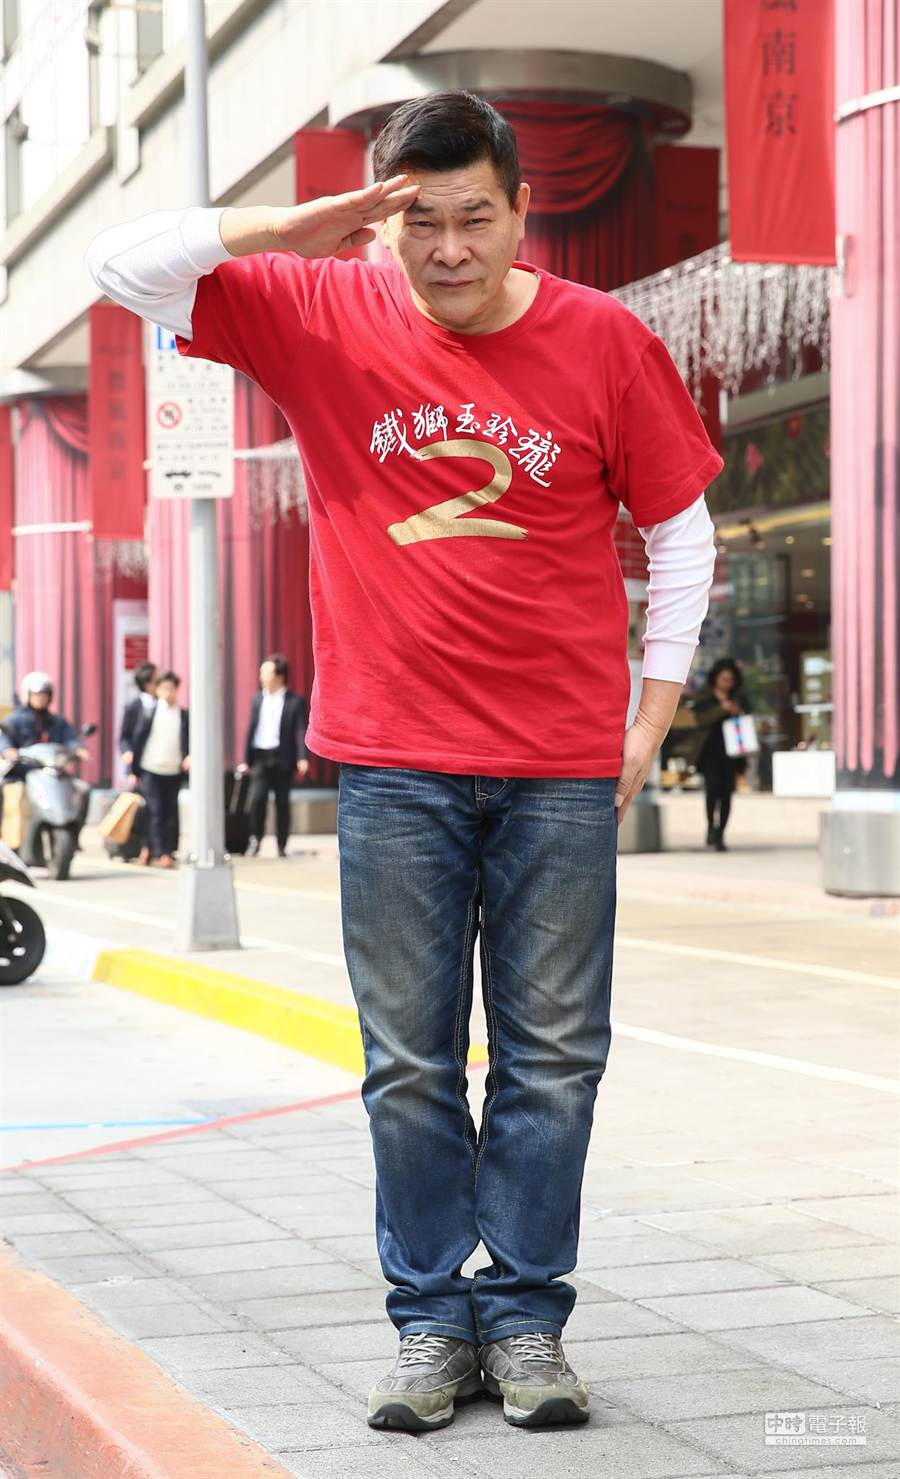 電影鐵獅玉玲瓏2導演澎恰恰邀請媒體,表示為了電影KUSO賽德克巴萊族並不恰當,彭恰恰表示願意道歉。(盧禕祺攝)